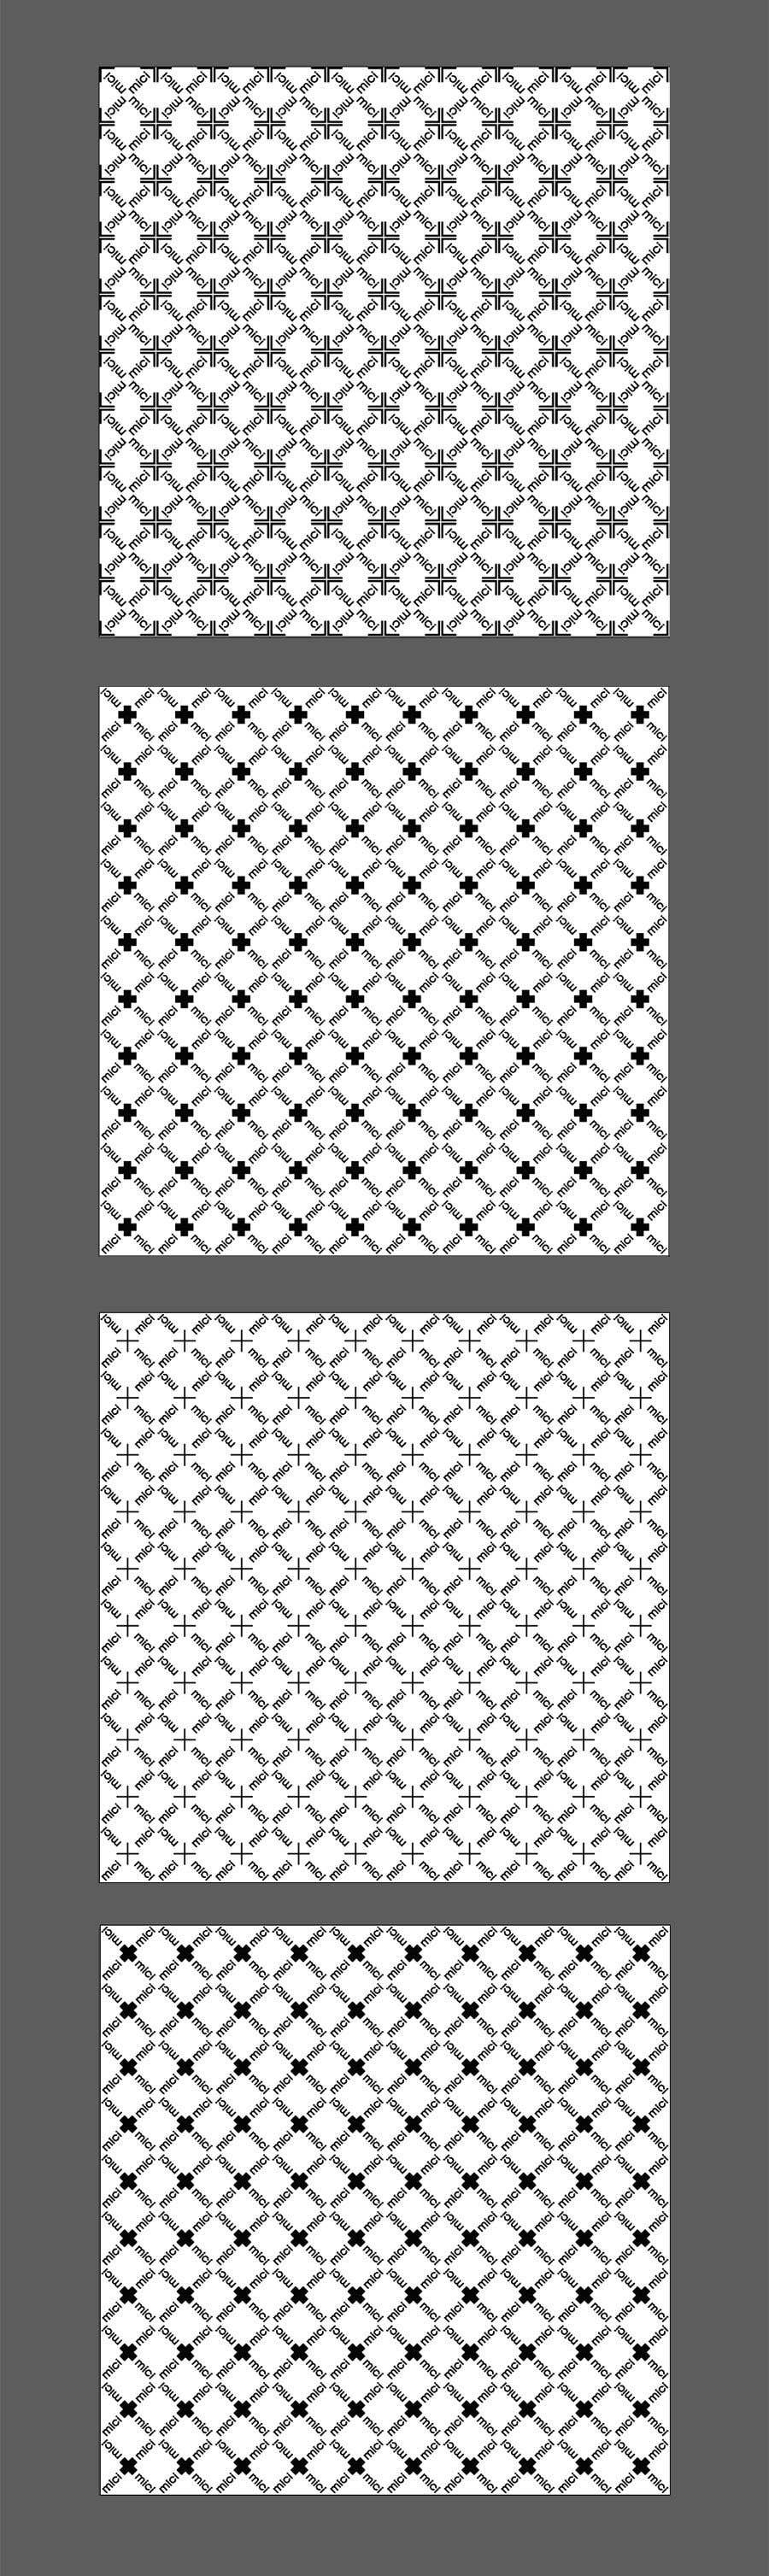 Kilpailutyö #19 kilpailussa Seemless Pattern Design